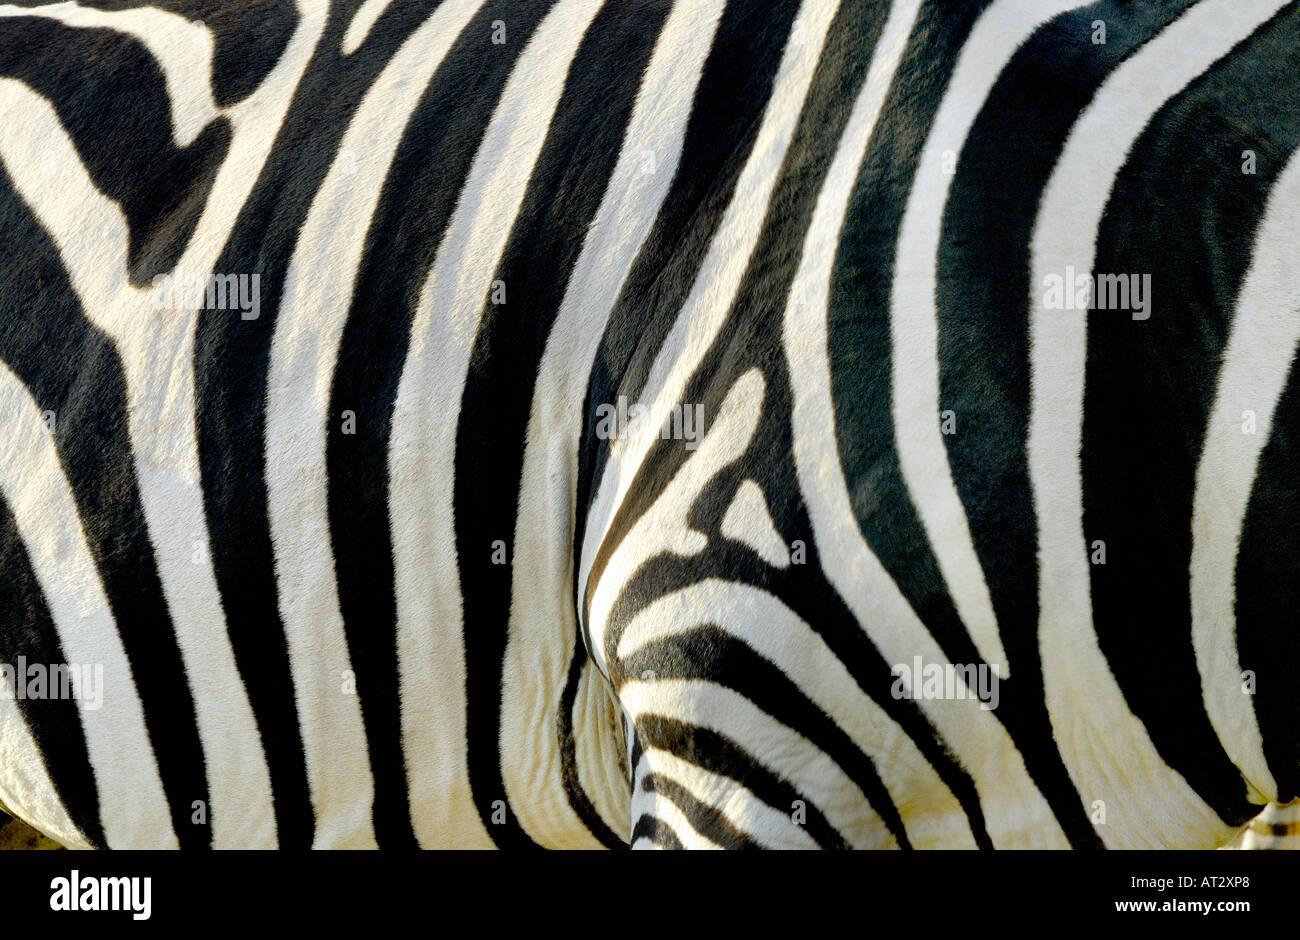 Patrón de rayas de cebra Imagen De Stock